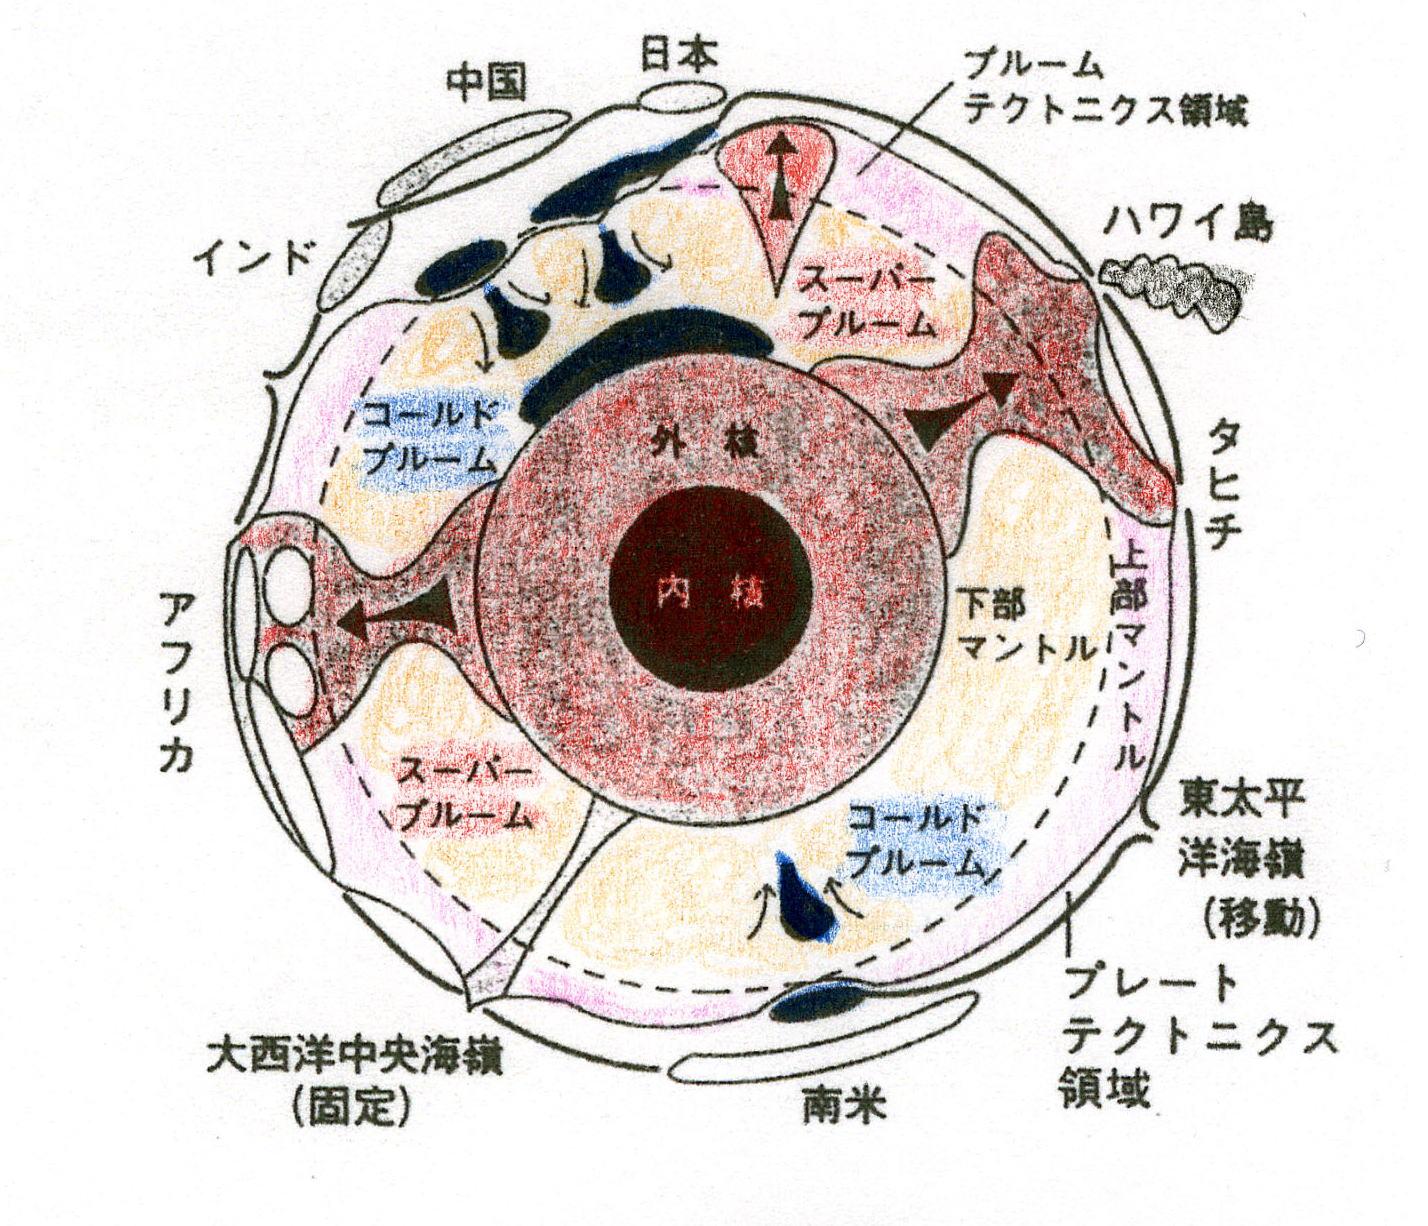 太陽フレア連続爆発と富士山噴火_b0221143_19091314.jpg